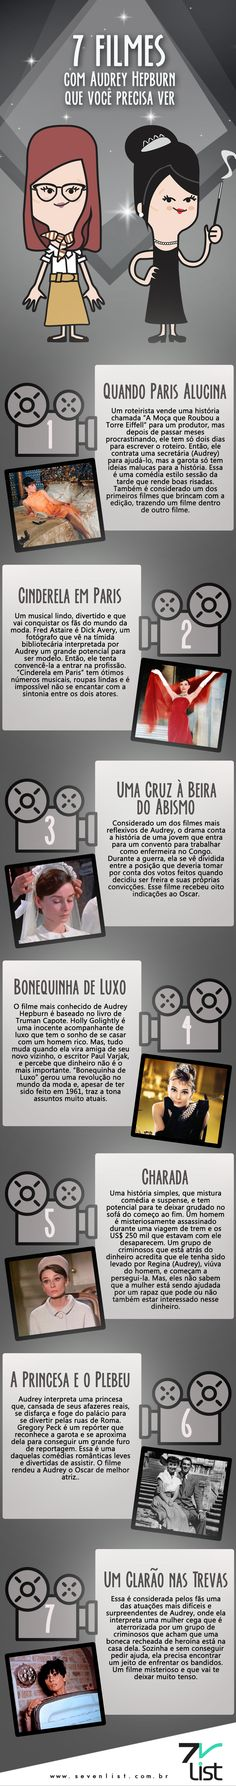 7 Filmes Com Audrey Hepburn Que Você Precisa Ver ❣